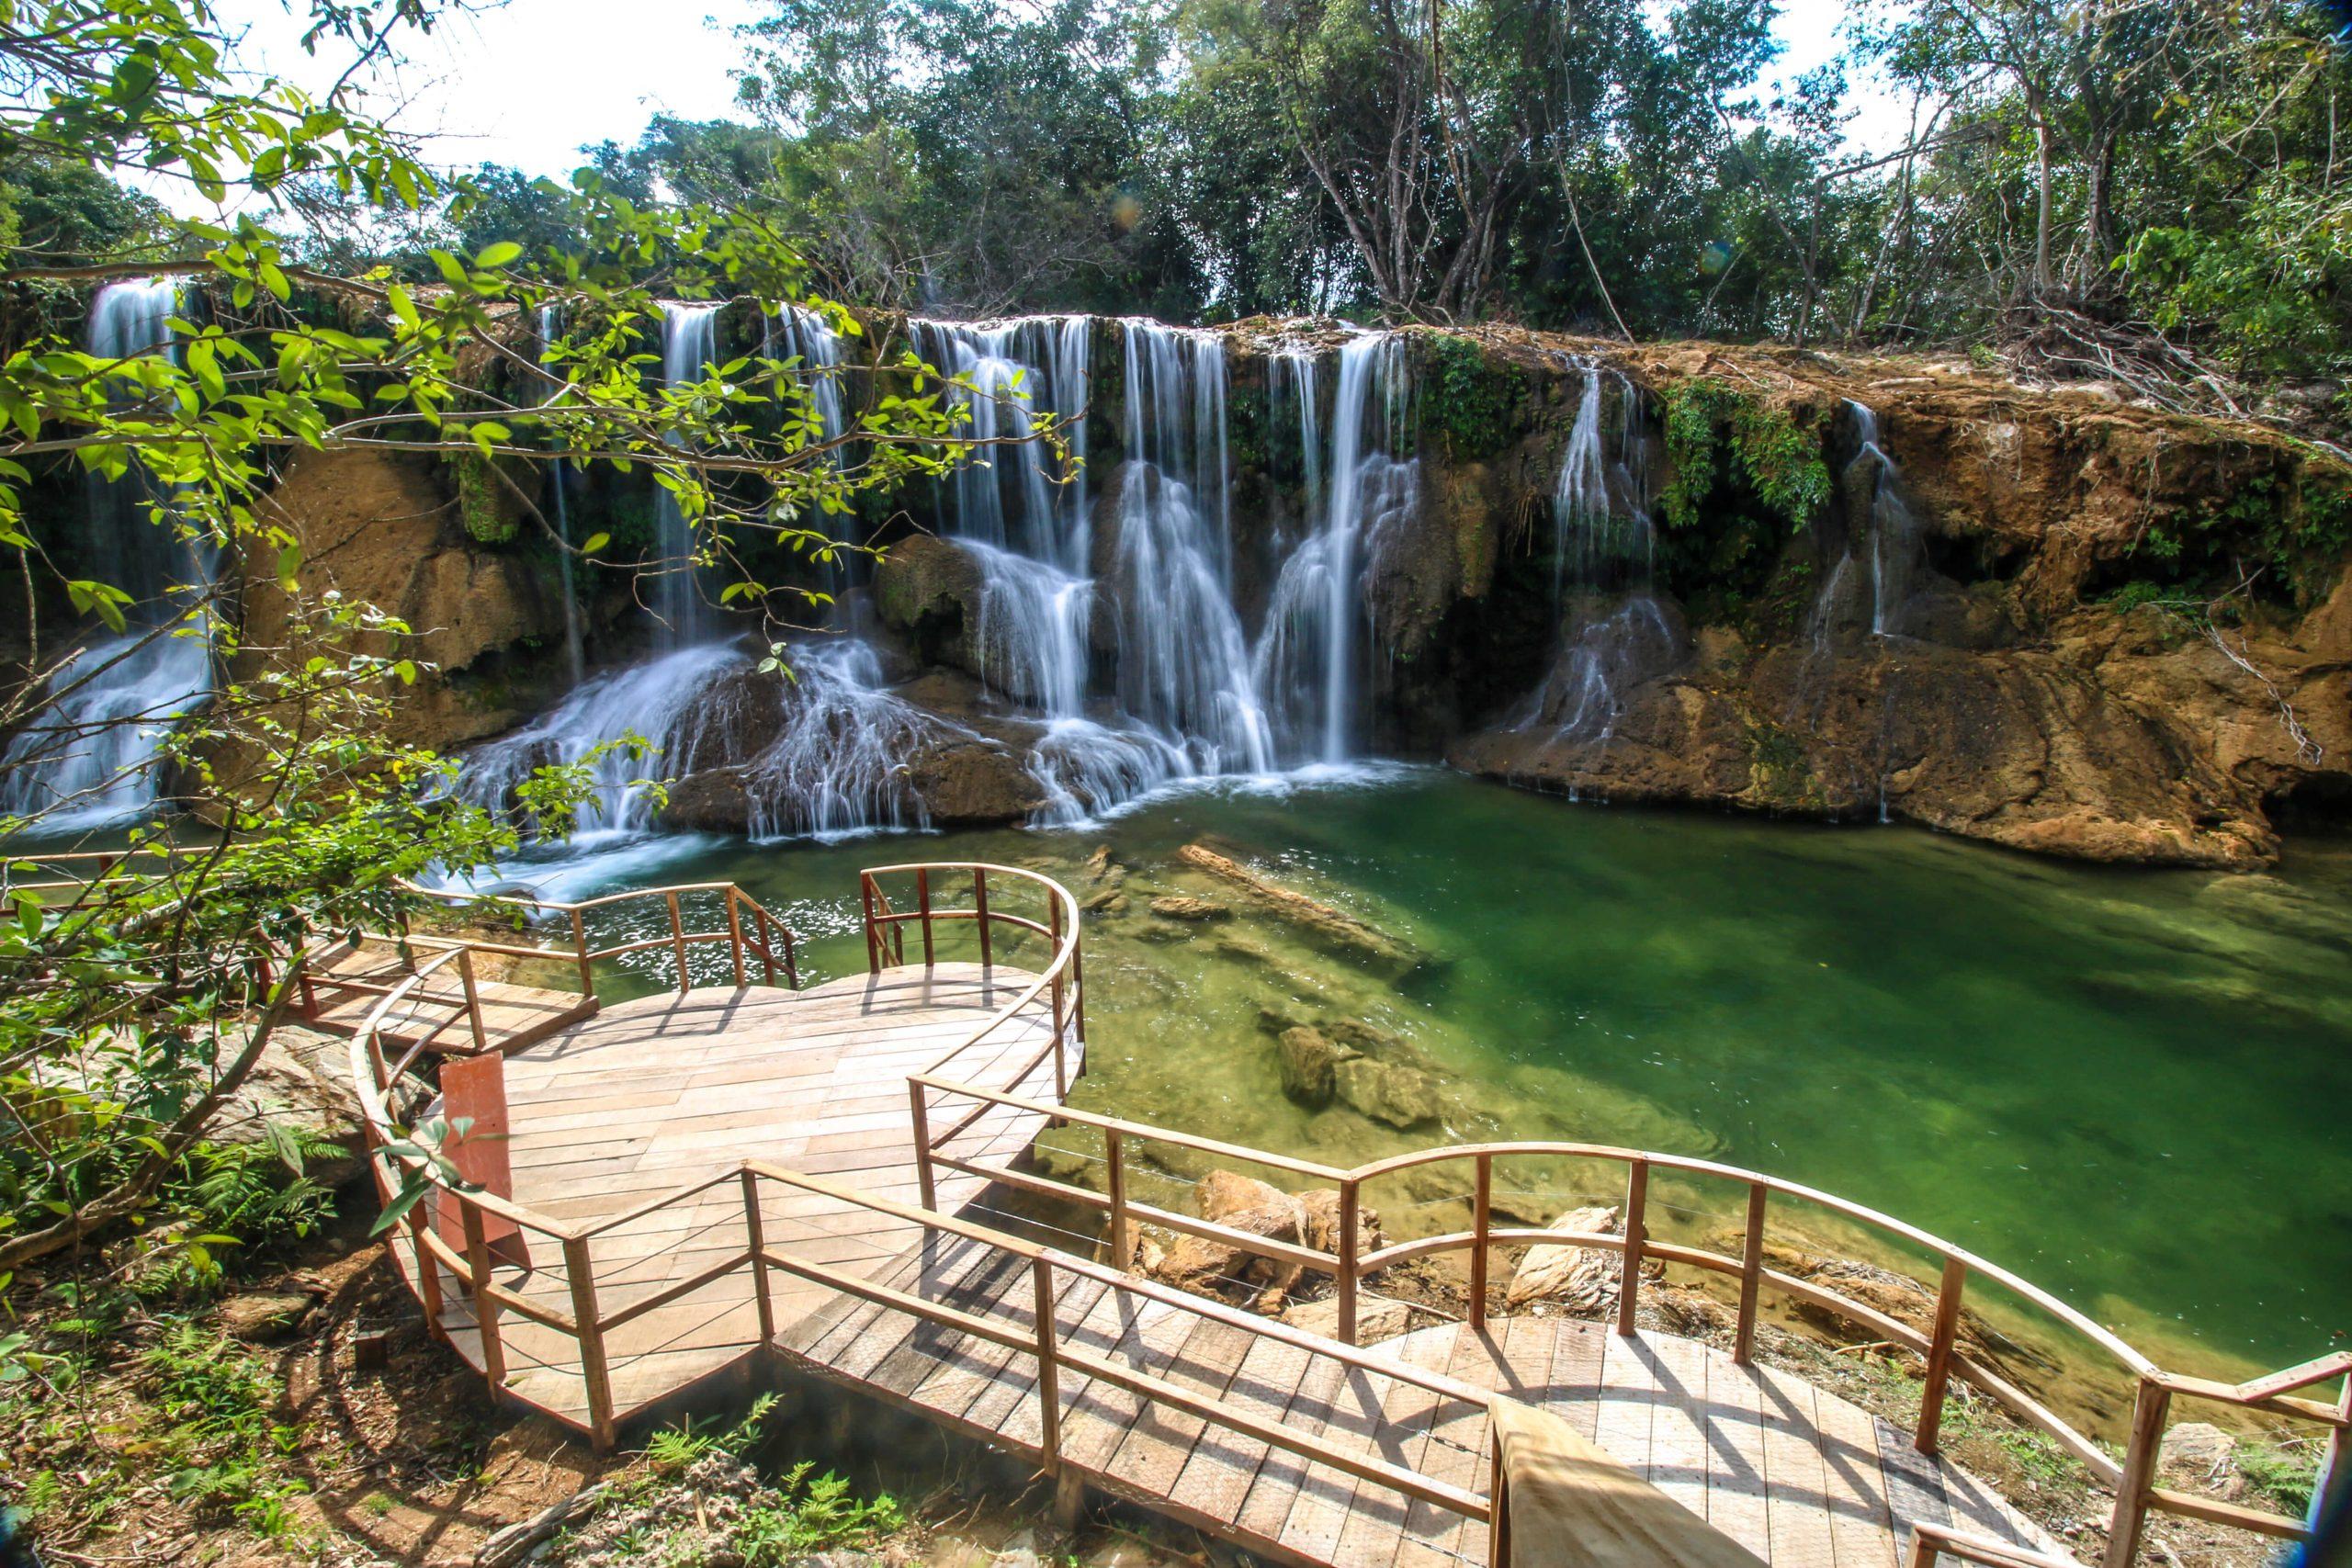 Parque das Cachoeira - Crédito Multi-Frequência12